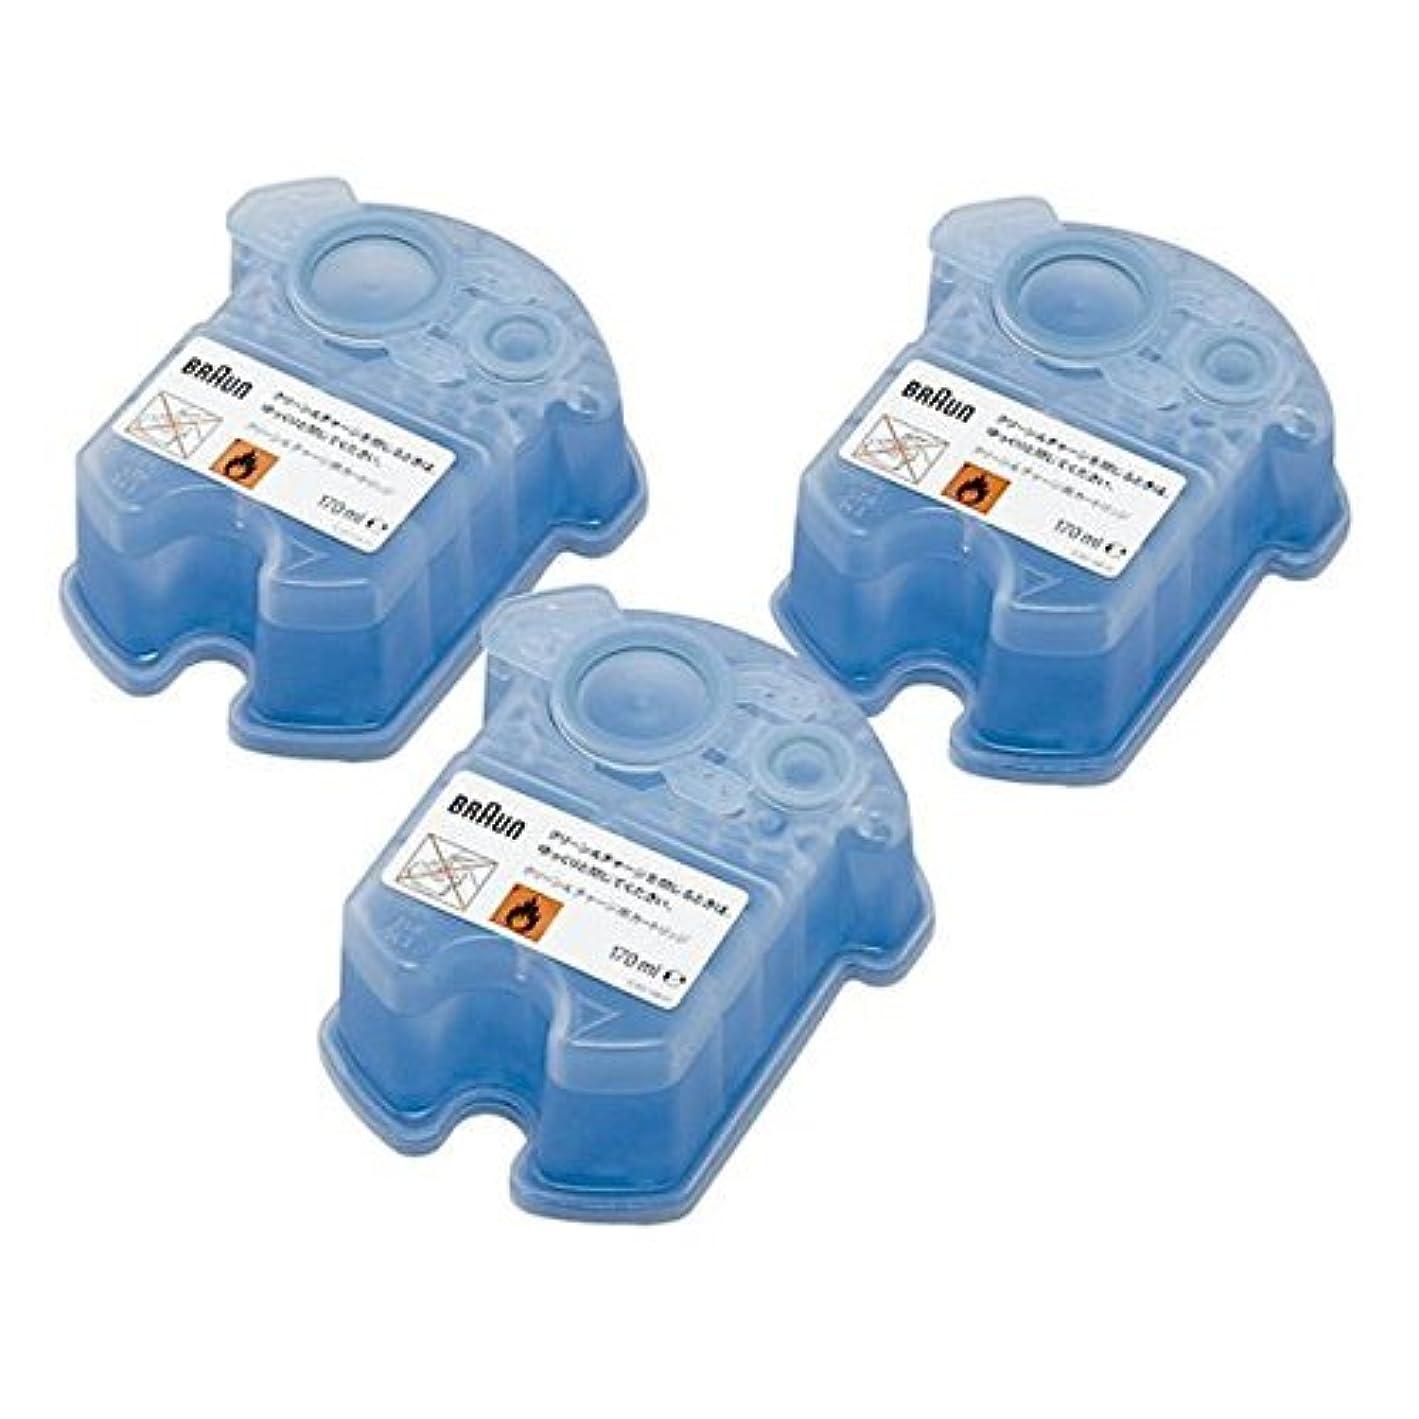 確認してください誕生日拮抗するBRAUN(ブラウン) クリーン&リニュー専用 洗浄液カートリッジ CCR3CR 3個入